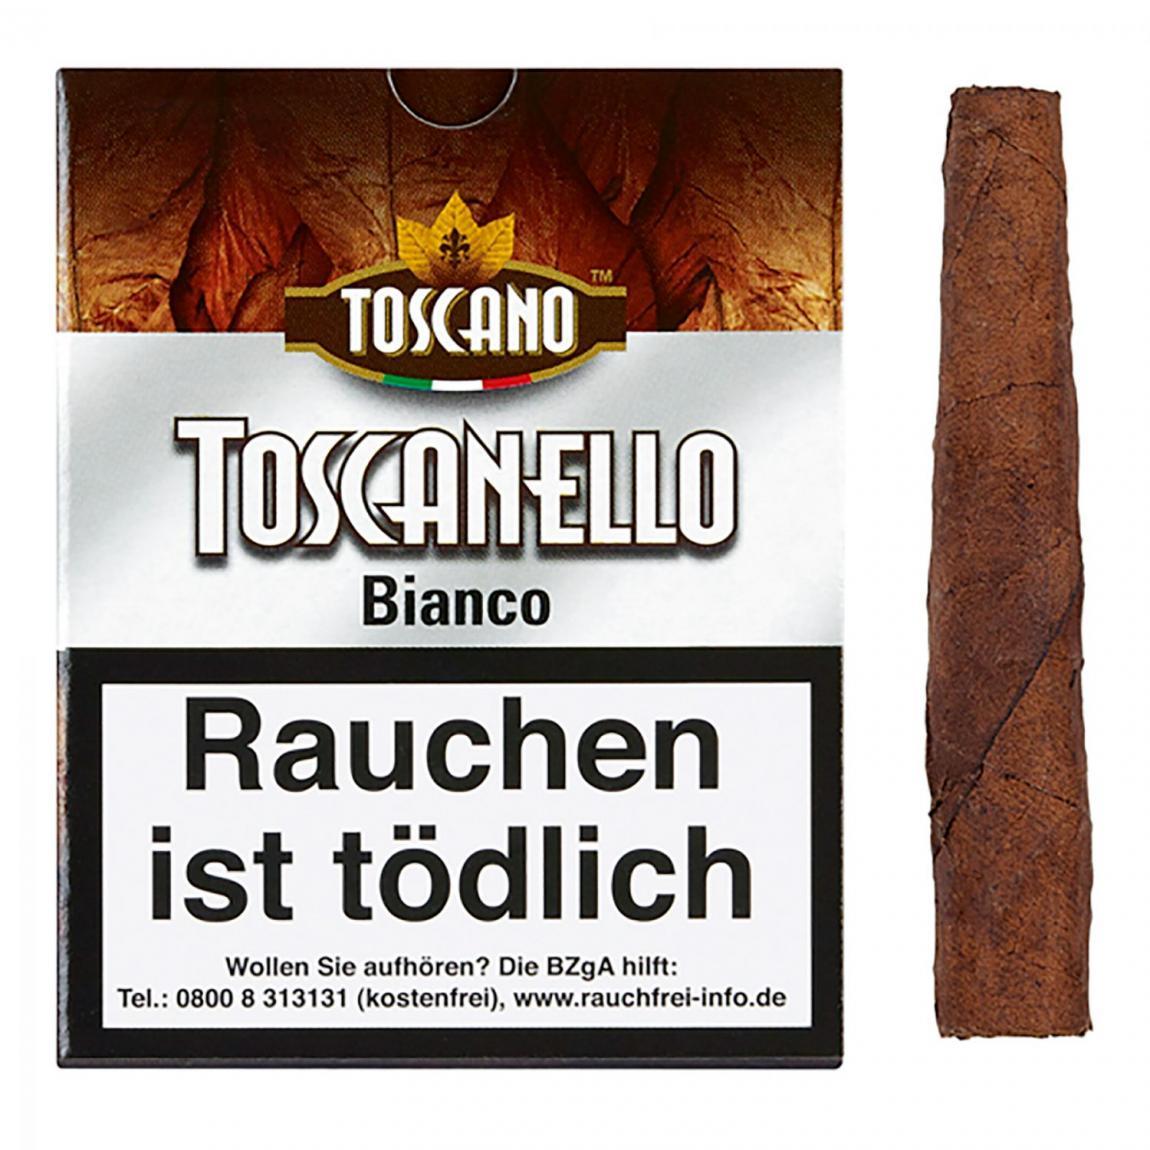 Toscano Toscanello »Bianco« 5er Schachtel